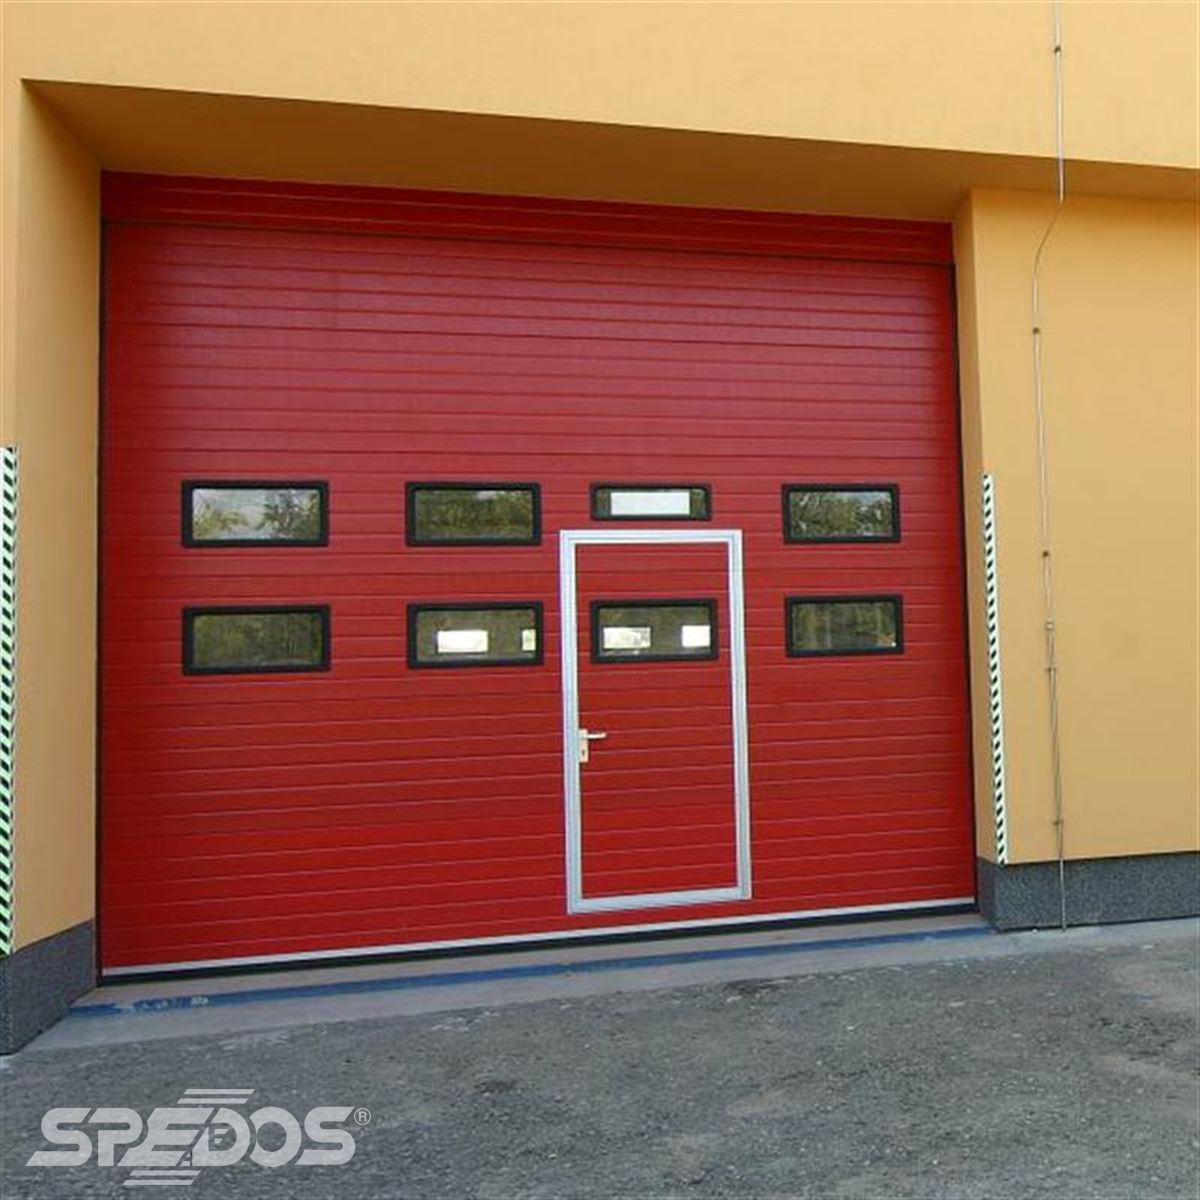 Průmyslová sekční vrata s dveřmi, červená